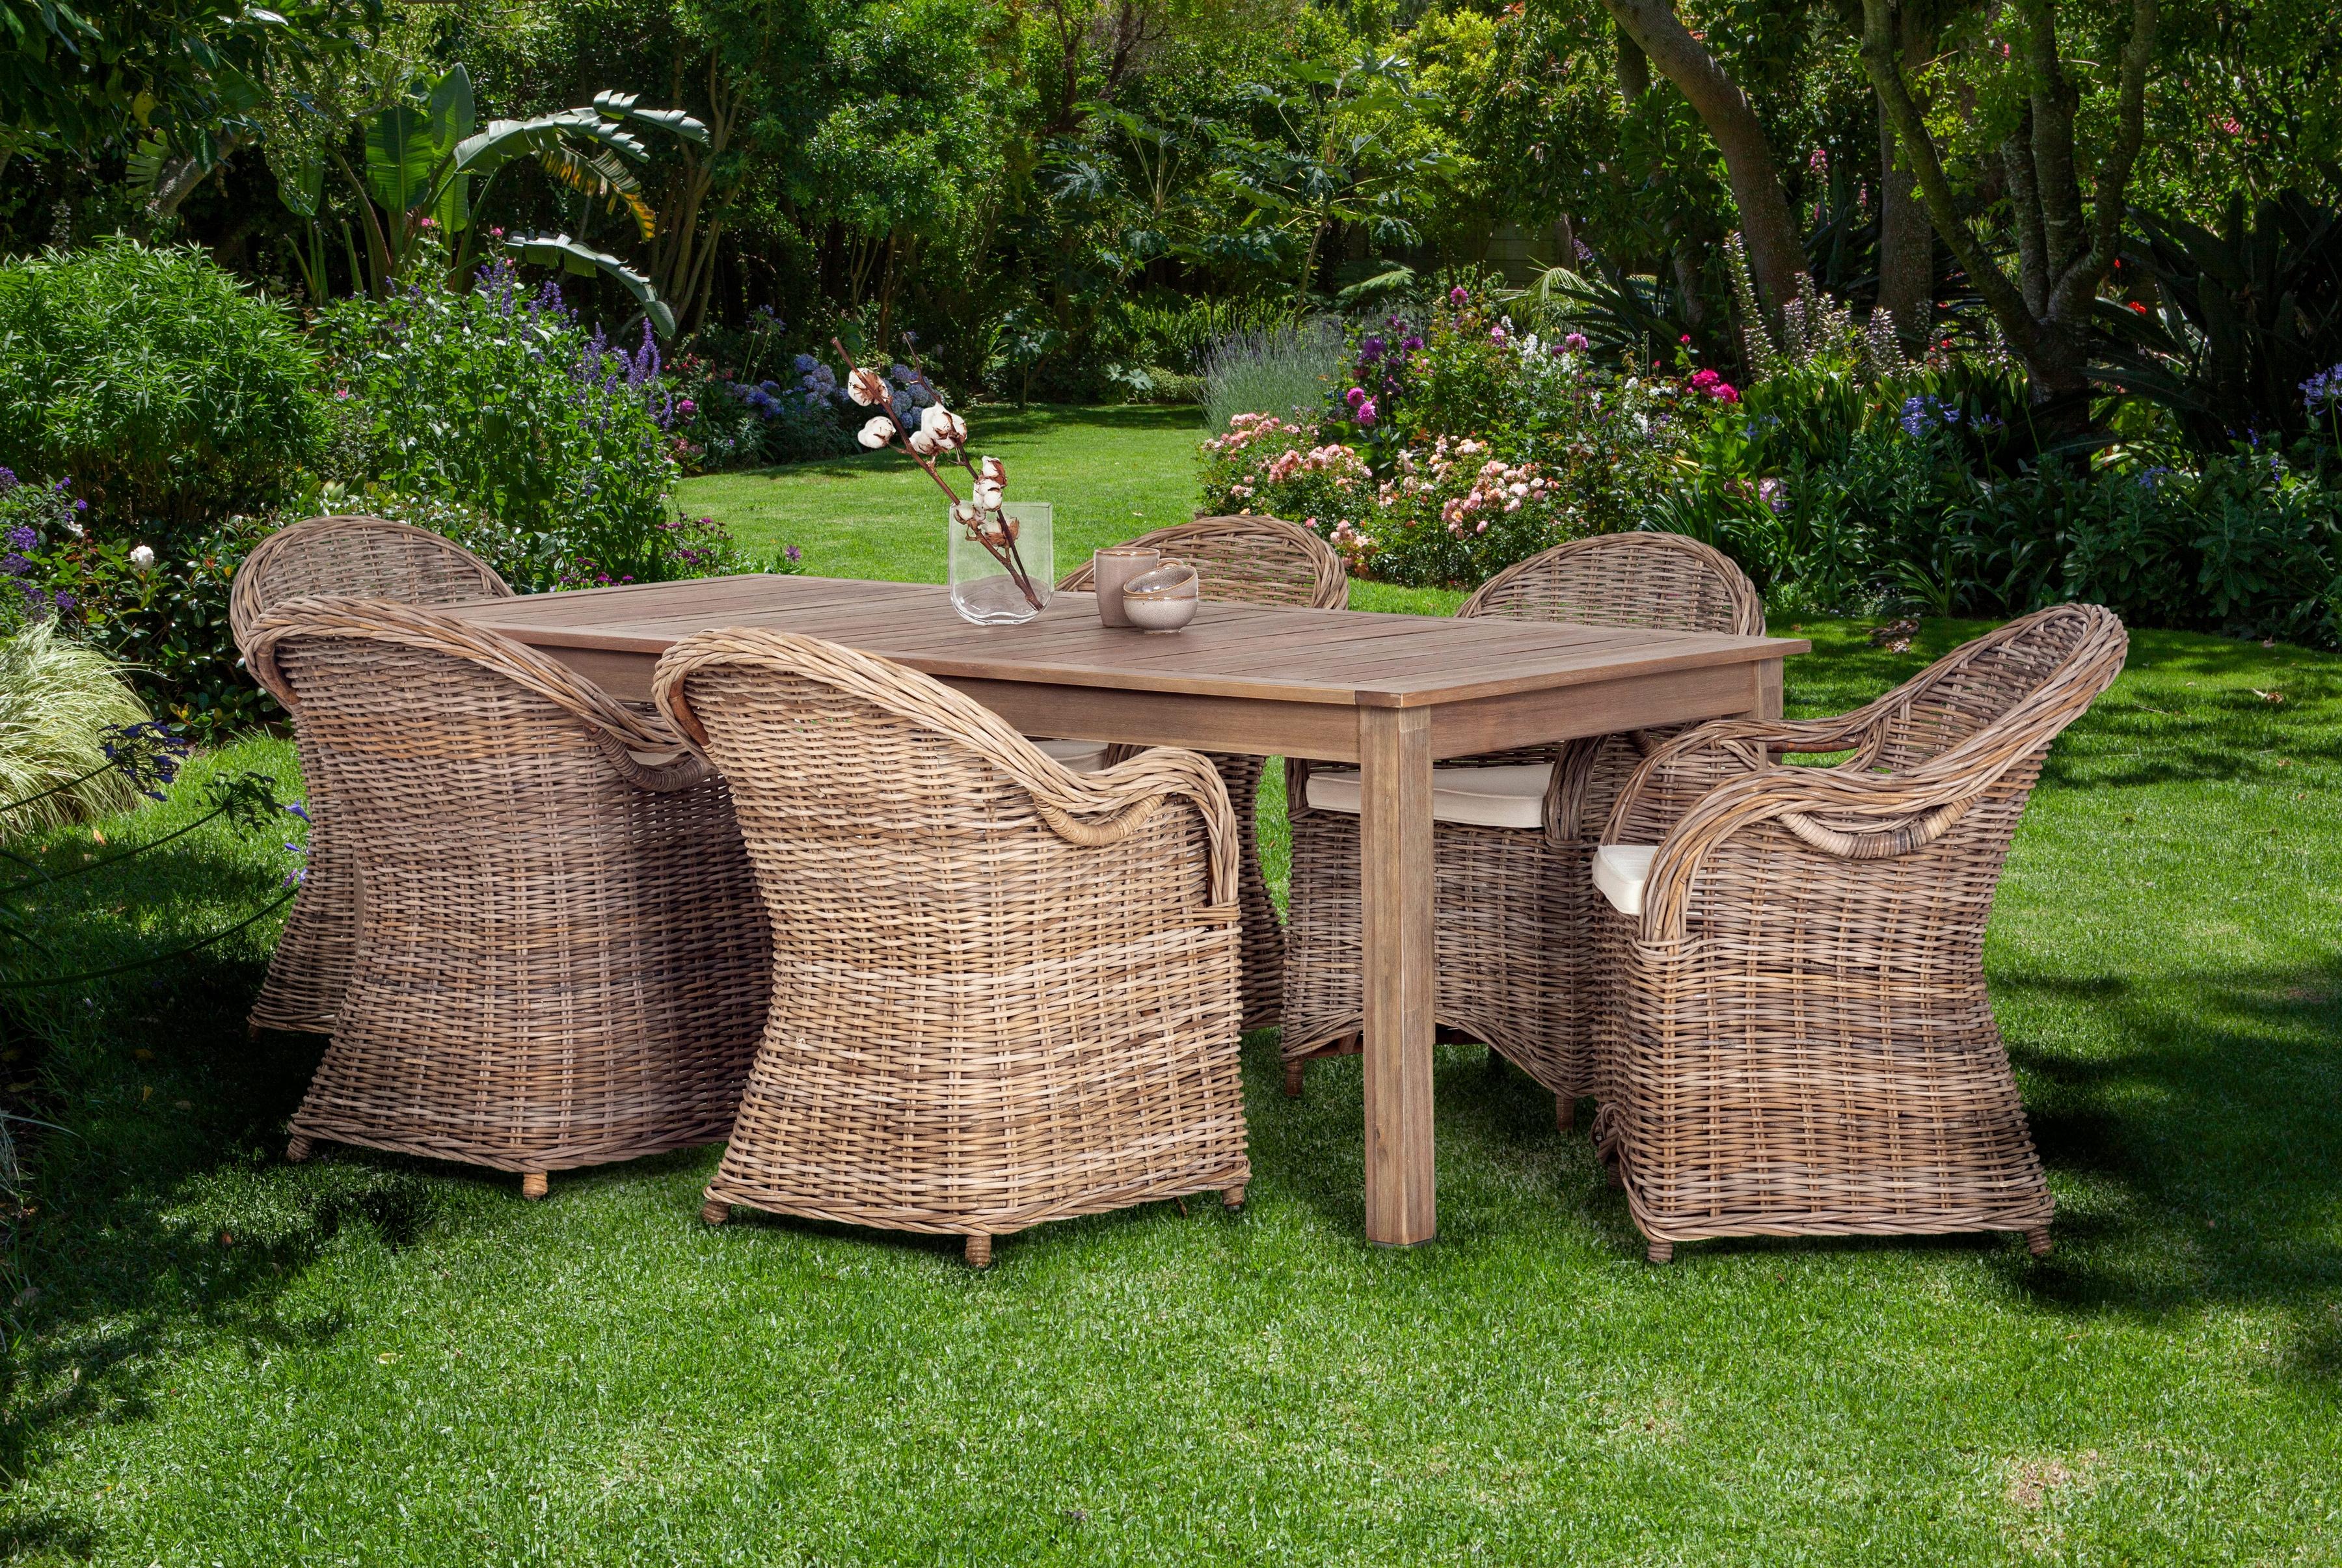 Gartenmöbelset Sumatra 7-tlg 6 Sessel Tisch 180x100 cm Rattan inkl Auflagen